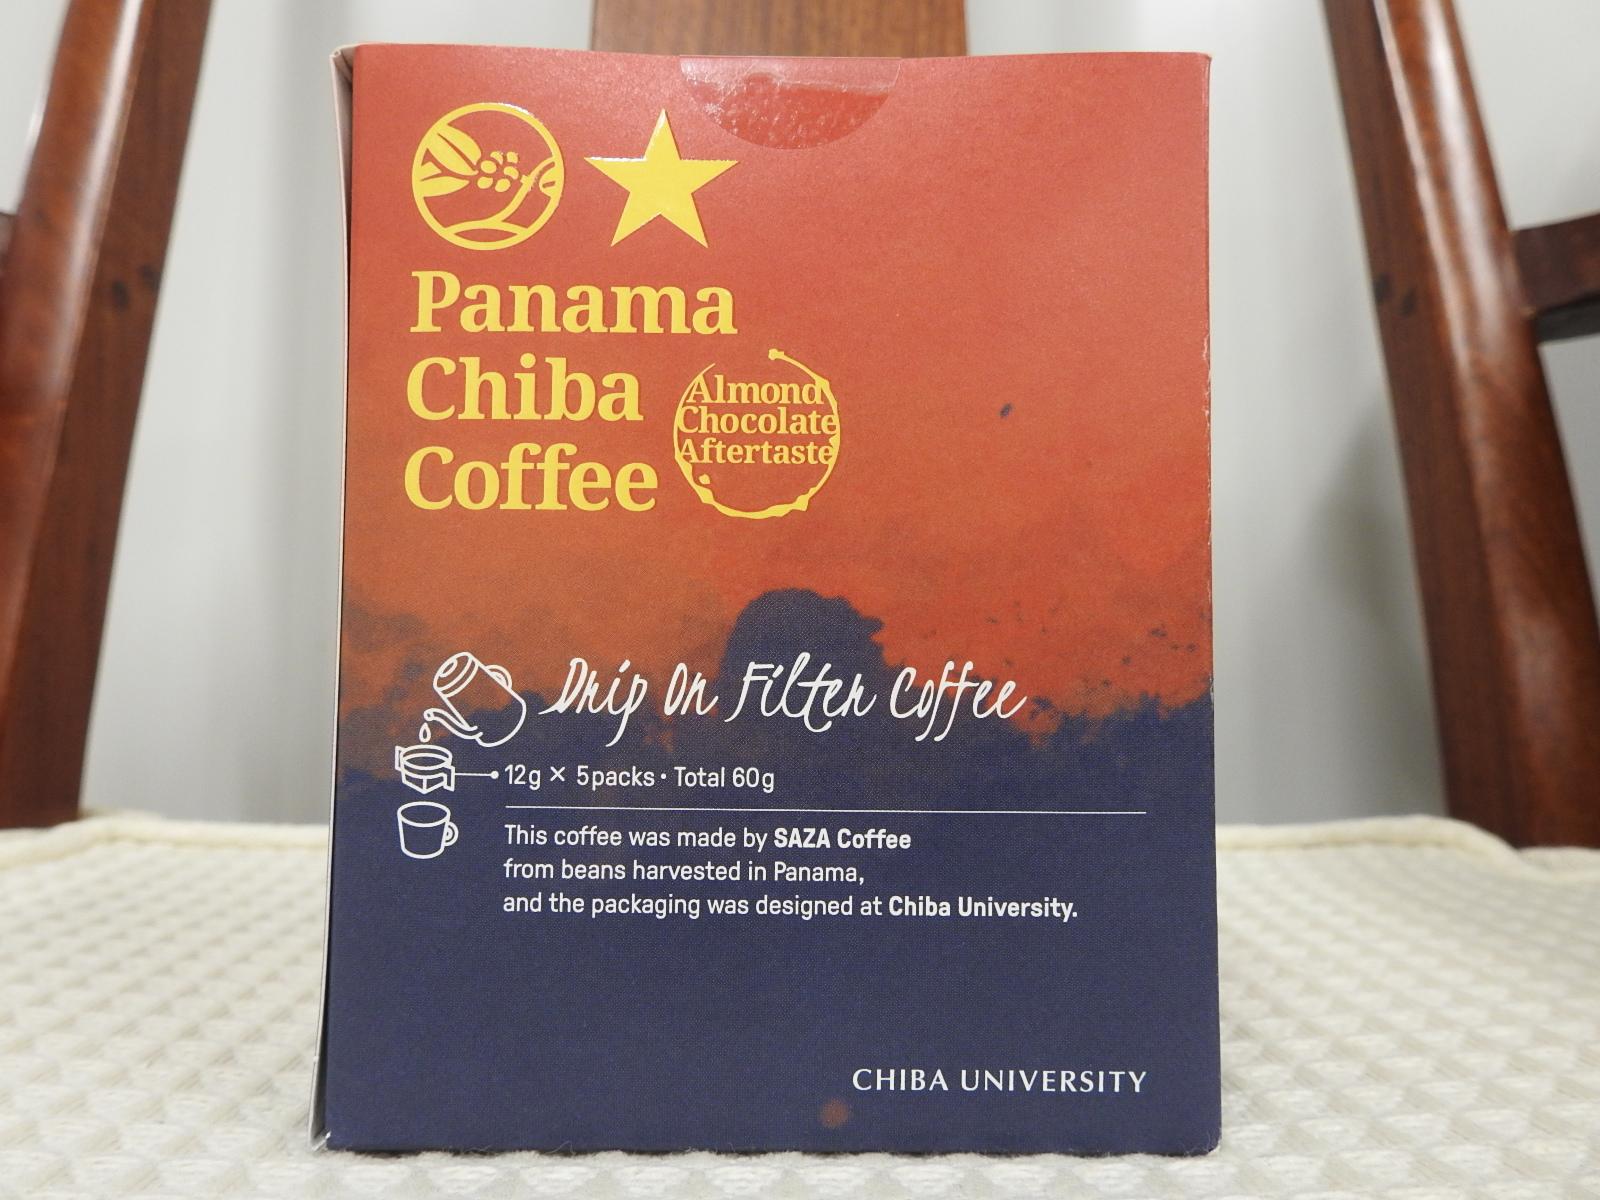 パナマ千葉コーヒーのパッケージ